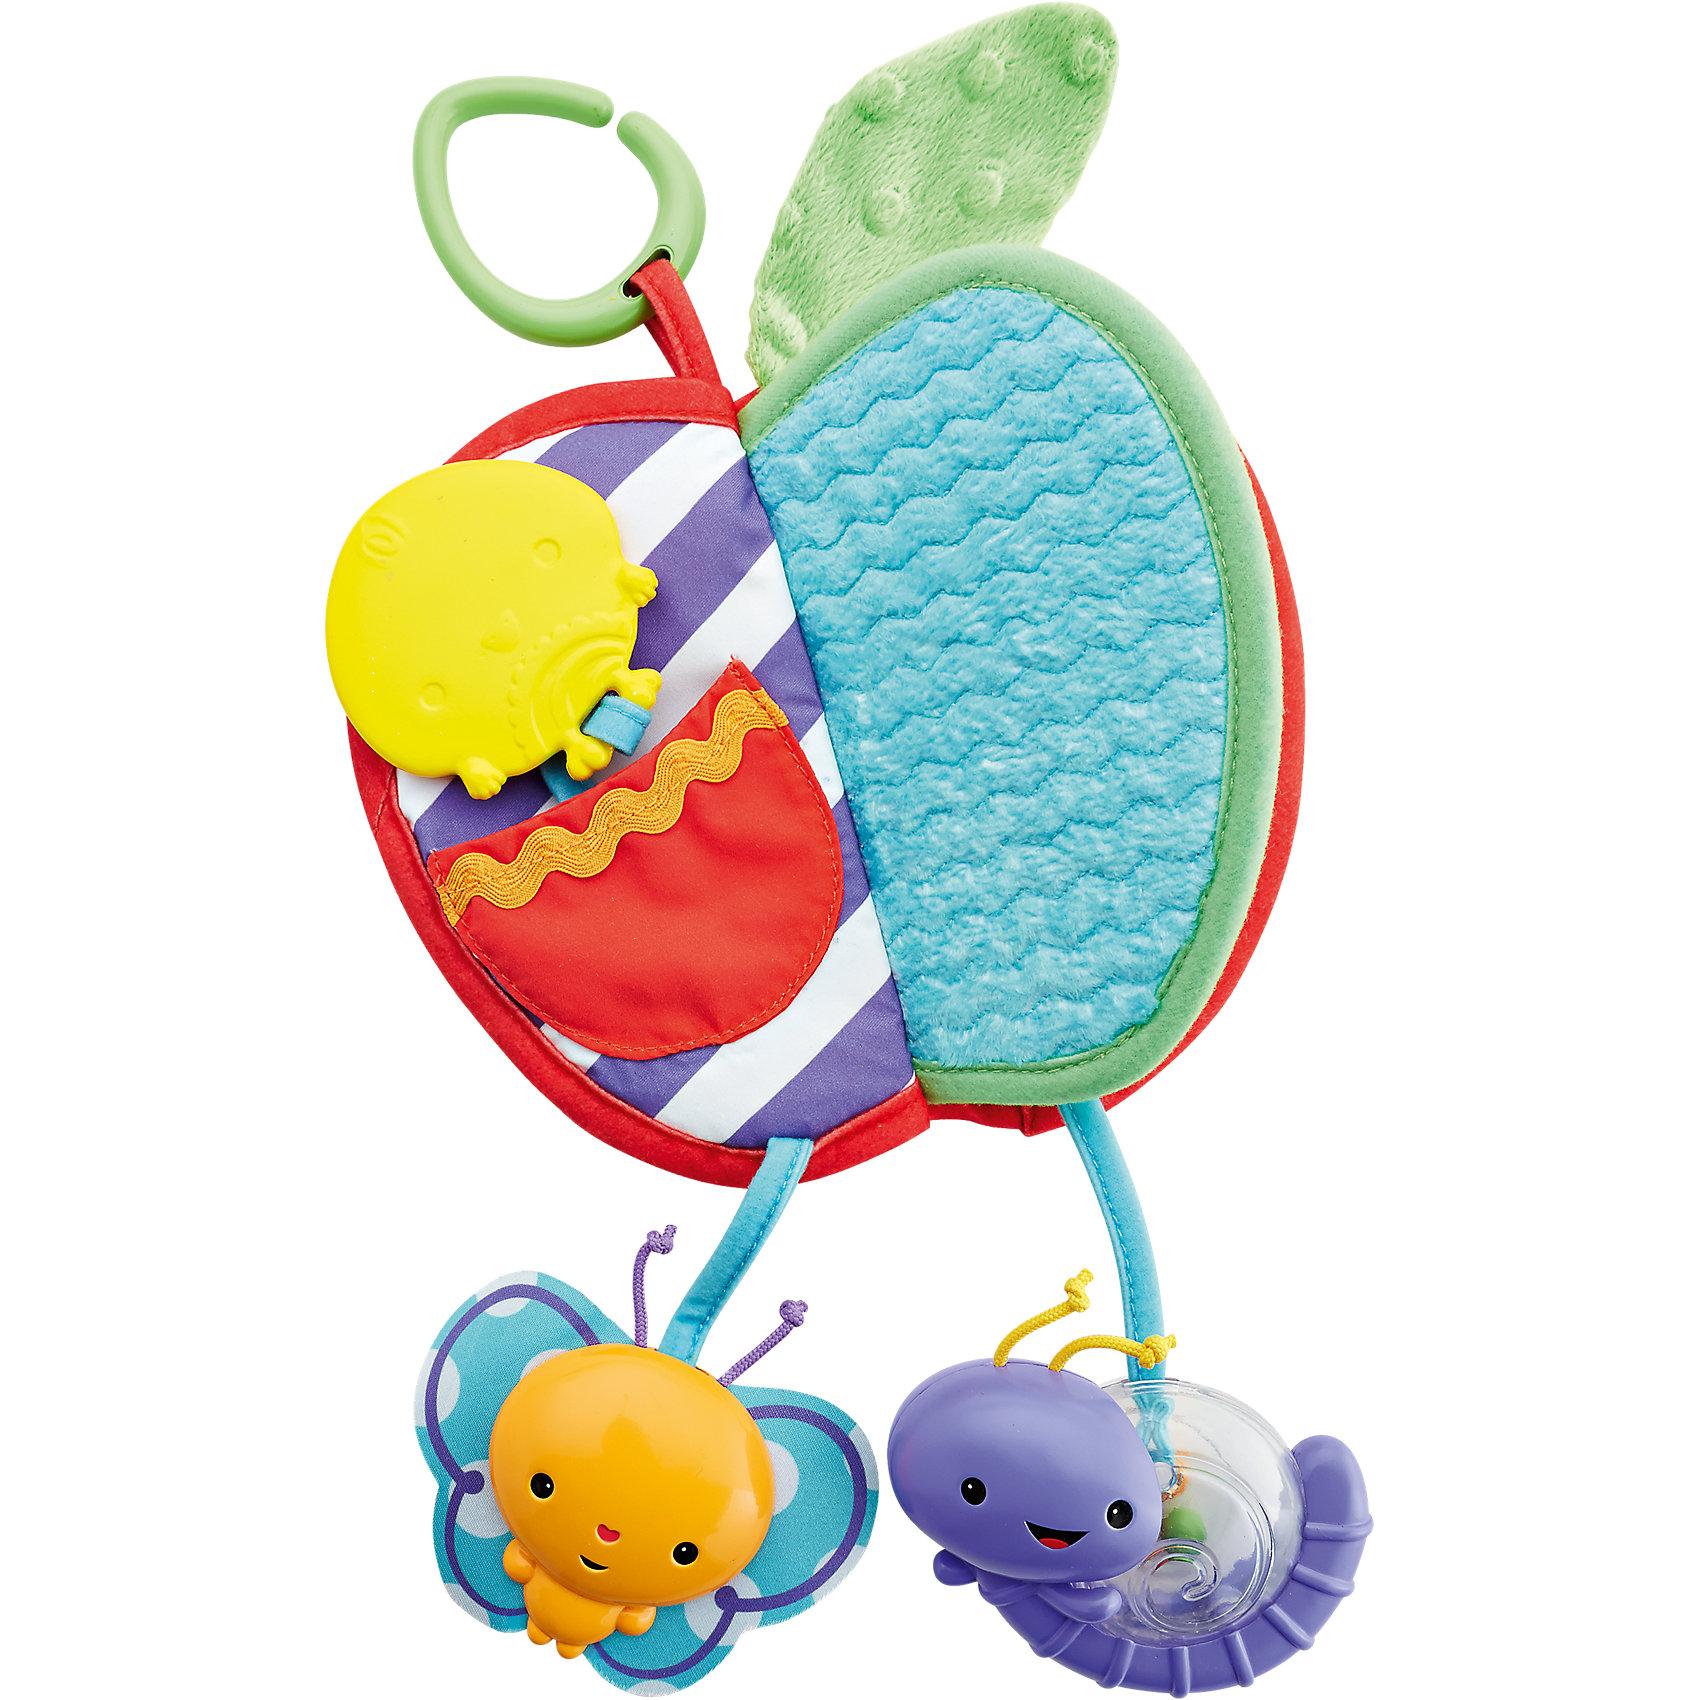 Развивающая игрушка-книжка Яблочко с прорезывателемПрорезыватели<br>Характеристики:<br><br>• Вид игрушки: погремушка-прорезыватель<br>• Пол: универсальный<br>• Материал: пластик, текстиль<br>• Цвет: красный, зеленый, белый, желтый, оранжевый<br>• Наличие кольца для подвешивания игрушки<br>• Наличие шуршащих, гремящих элементов разнообразной фактуры<br>• Размер (Д*Ш*В): 19,5*2,5*19,5<br>• Вес: 100 г<br><br>Яблочко - прорезыватель, Fisher Price – это многофункциональная игрушка, которая будет интересна ребенку достаточно длительное время за счет того, что в ней предусмотрены практически все приспособления, направленные на зрительное, слуховое и пространственное восприятие. Игрушка выполнена в форме книжки, на одной из страничек имеются разнообразные фактурные элементы, на другой – зеркальце, а на третьей – кармашек. Все детали и элементы погремушки выполнены из экологически безопасных и прочных материалов, у игрушки нет мелких деталей и острых углов. Снизу имеются пластиковые игрушки-подвески в виде бабочки и гусенички. У яблочка имеется кольцо-подвеска, за которое игрушку можно прикрепить на коляску, кроватку или стульчик для кормления. <br><br>Яблочко - прорезыватель, Fisher Price можно купить в нашем интернет-магазине.<br><br>Ширина мм: 238<br>Глубина мм: 168<br>Высота мм: 52<br>Вес г: 163<br>Возраст от месяцев: 3<br>Возраст до месяцев: 12<br>Пол: Унисекс<br>Возраст: Детский<br>SKU: 4732075